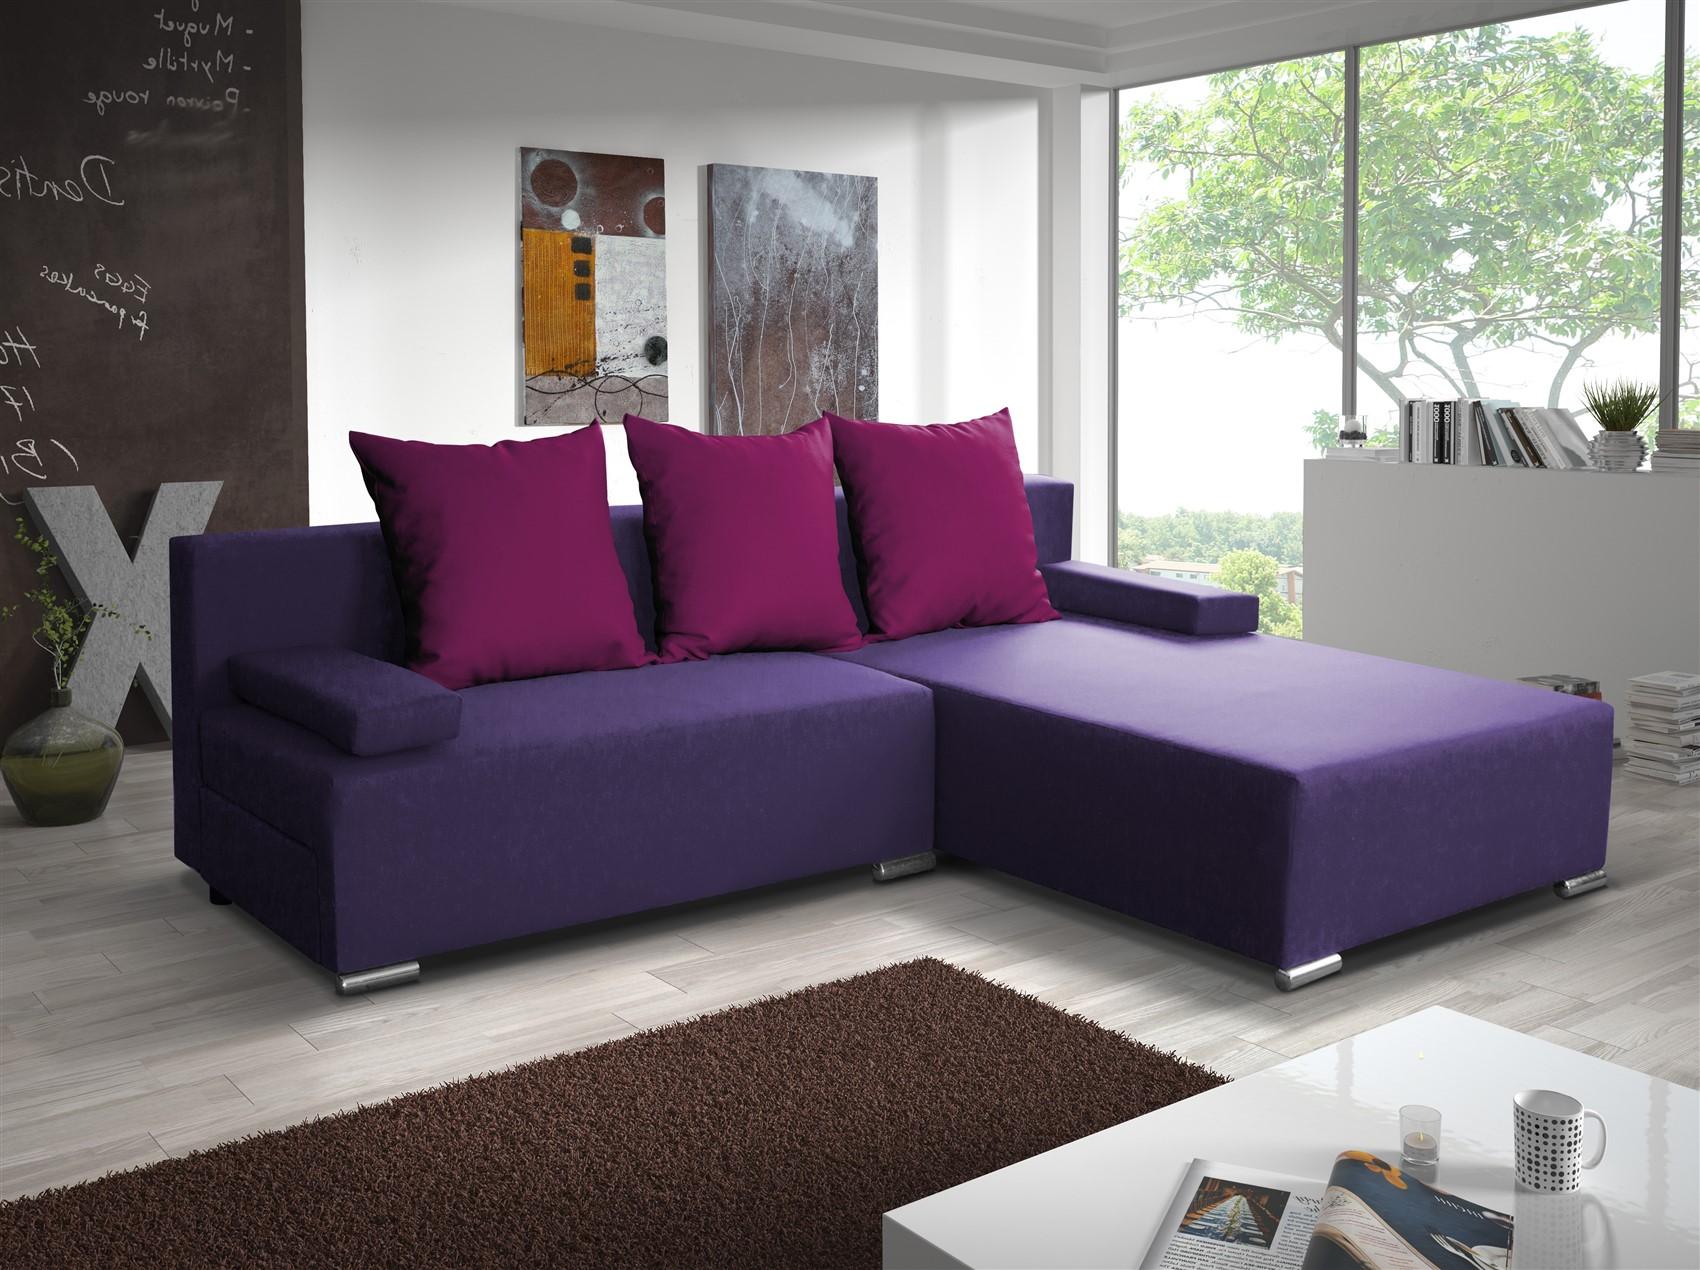 Full Size of Halbrundes Sofa Ebay Ikea Schwarz Samt Halbrunde Couch Klein Le Corbusier Landhausstil überzug U Form Langes Kinderzimmer Günstiges Verkaufen Mit Hocker 3er Sofa Halbrundes Sofa